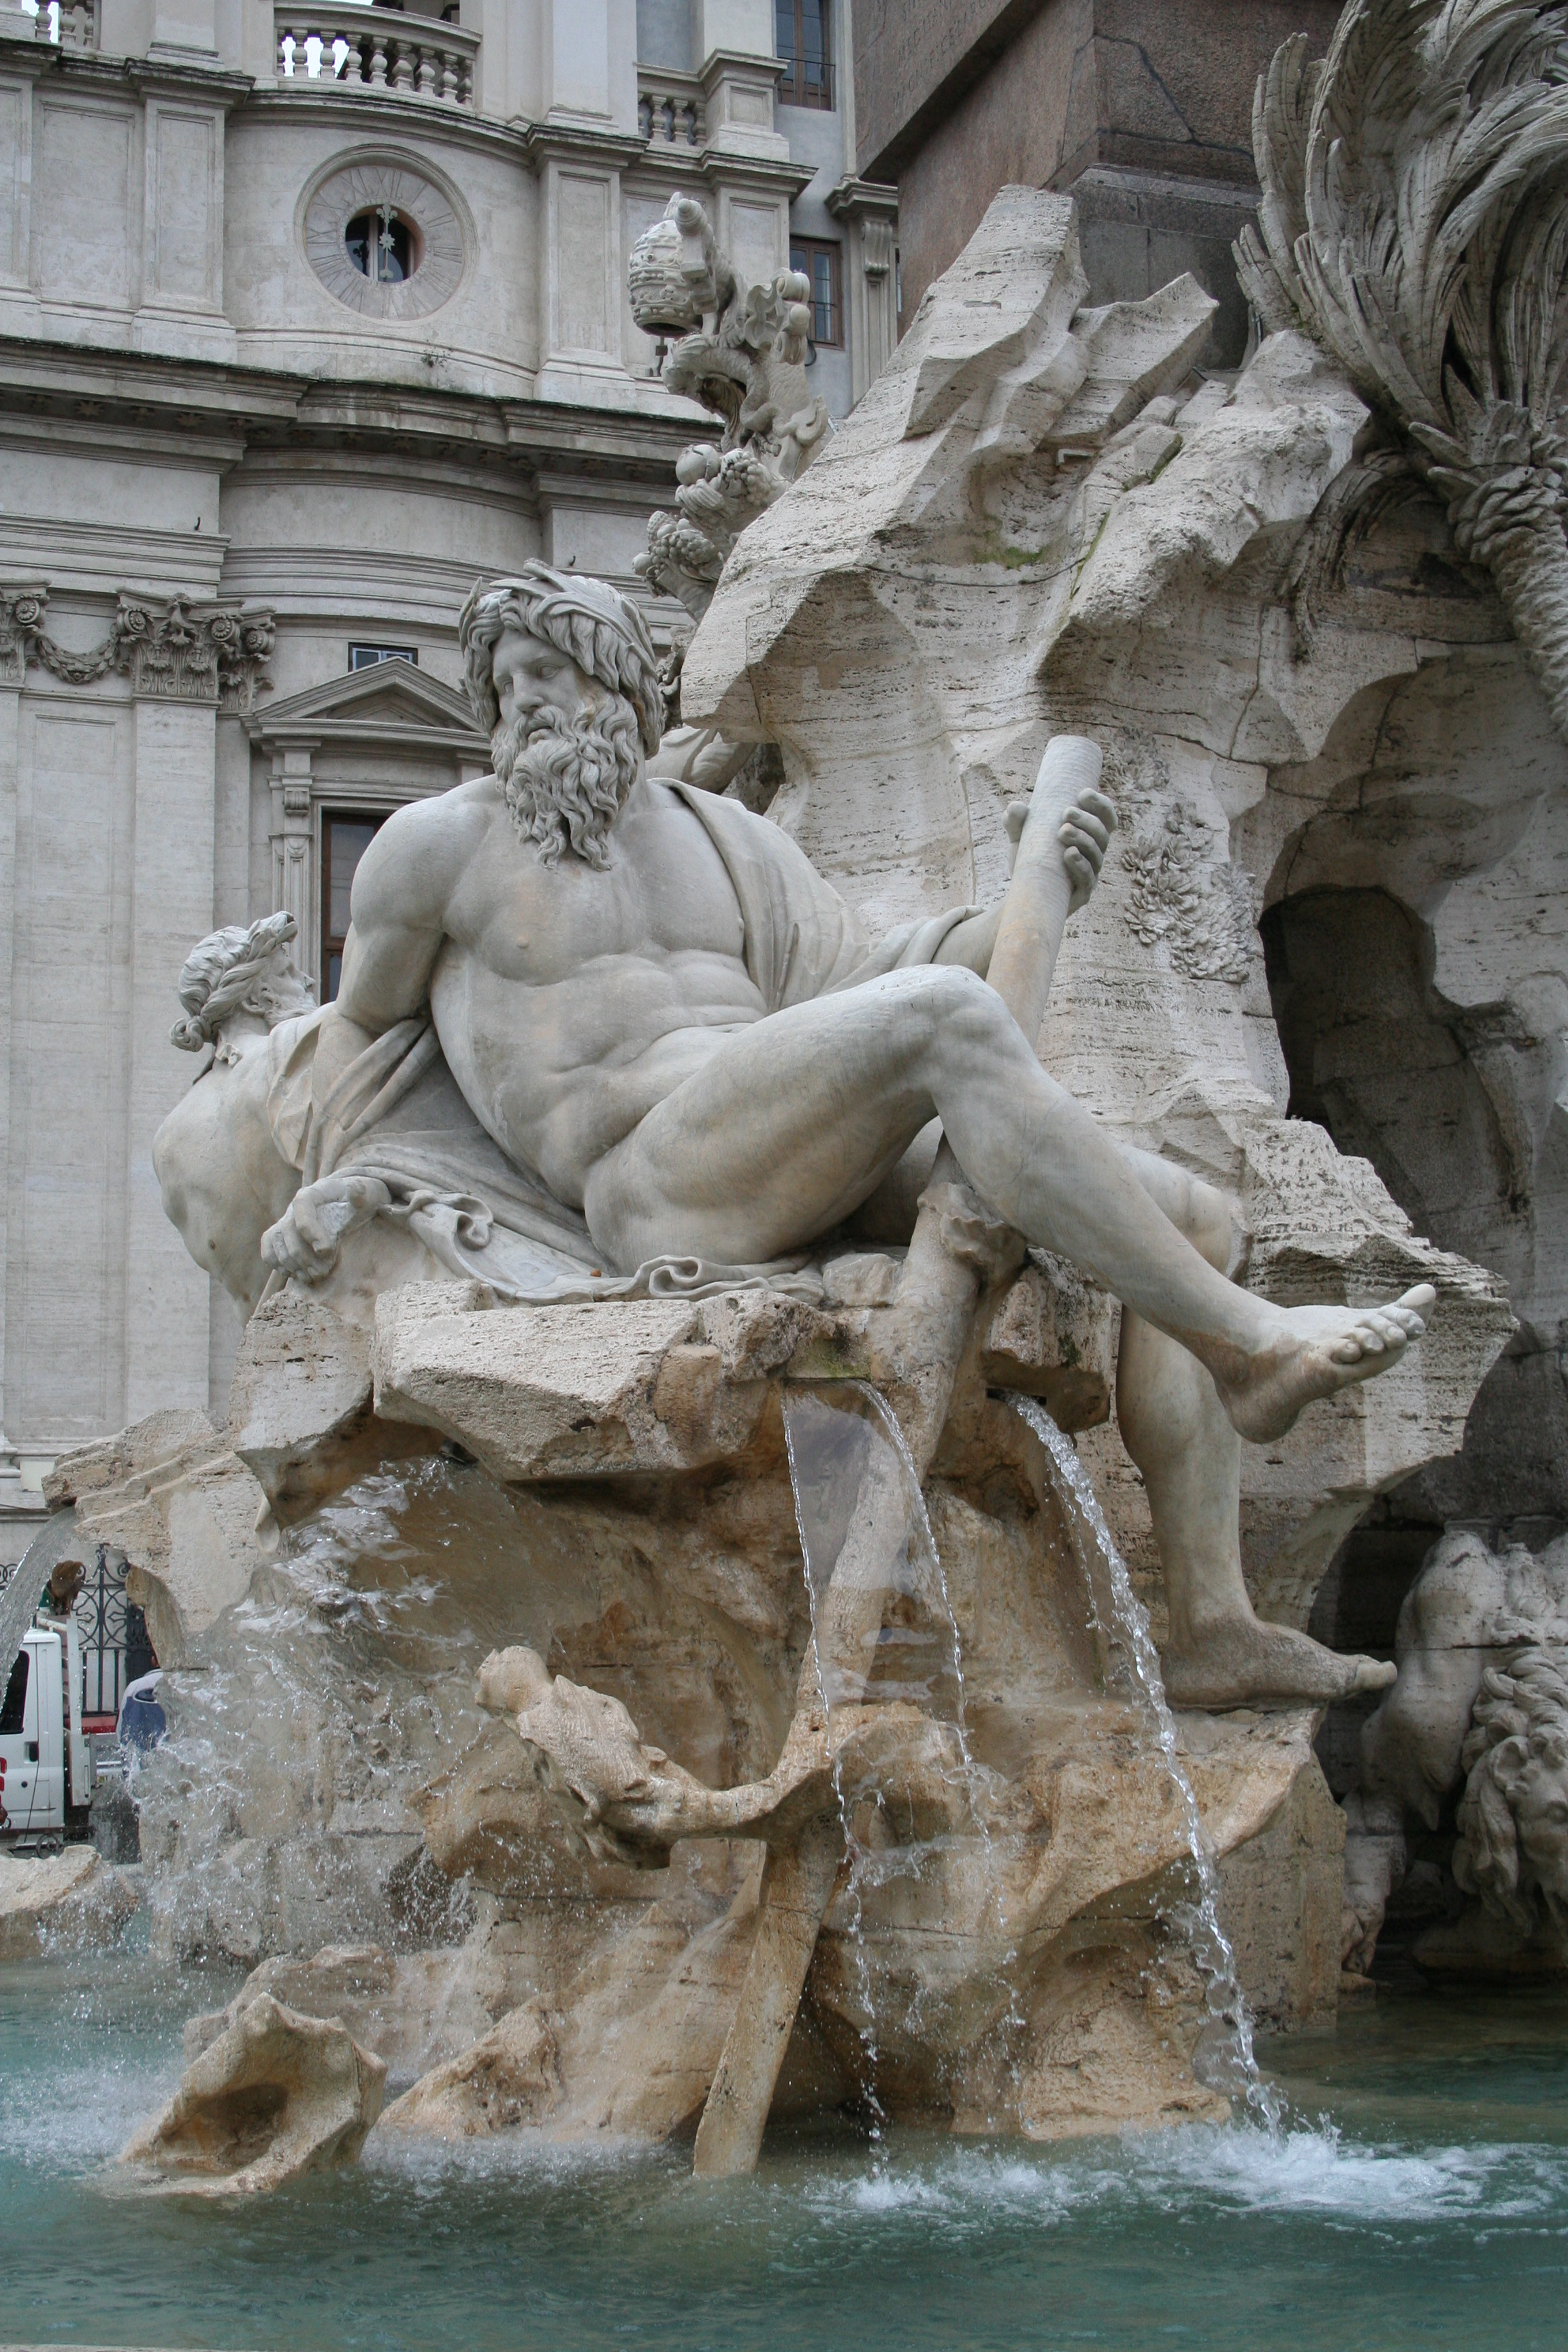 Lo Stile Di Bernini.Gian Lorenzo Bernini Piazza Navona Fontana Dei Quattro Fiumi Il